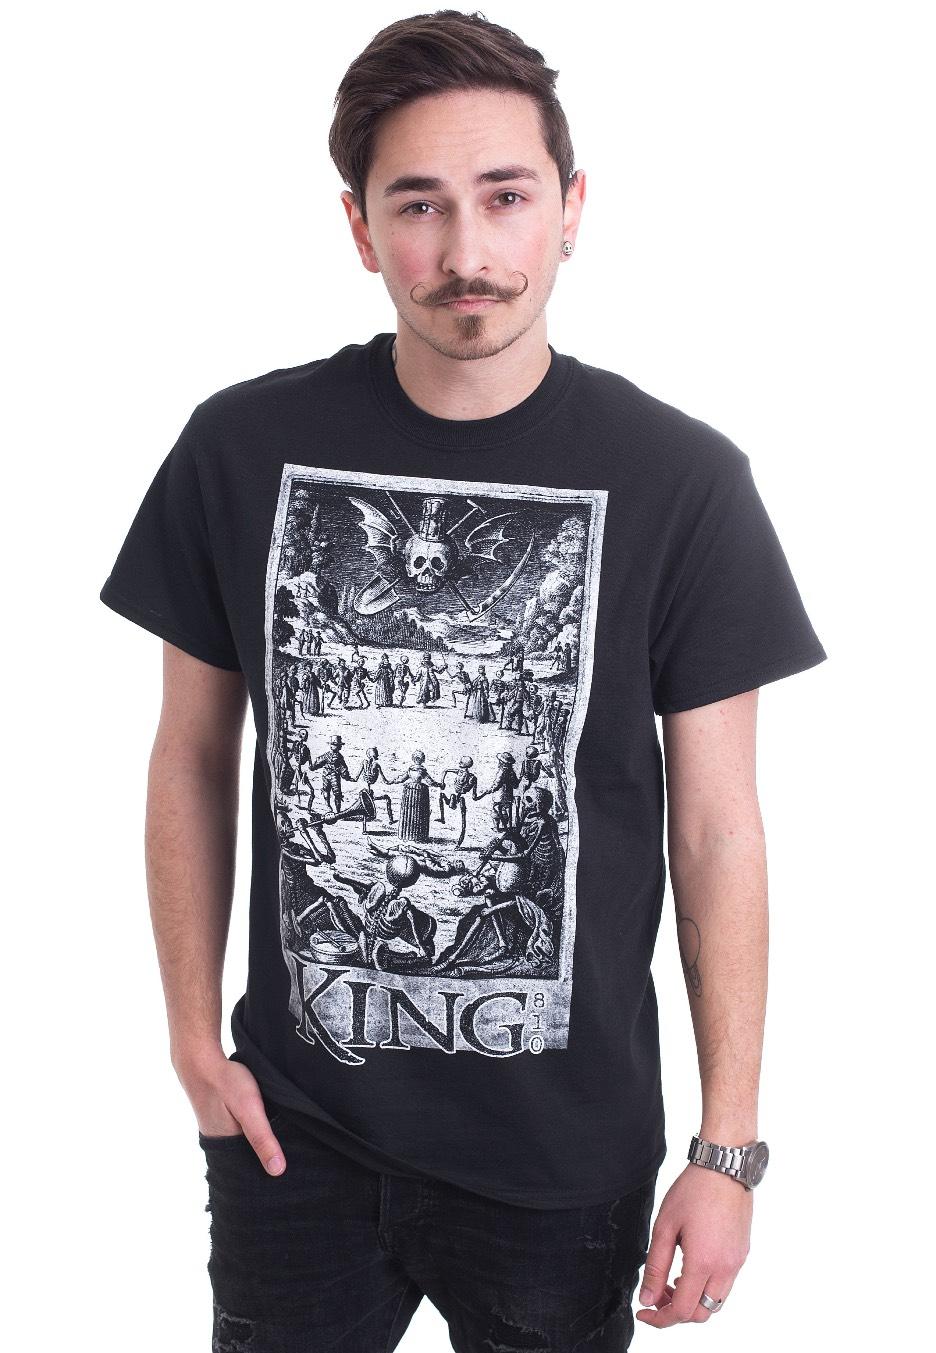 King 810 Offizieller Merchandise Shop Impericoncom De